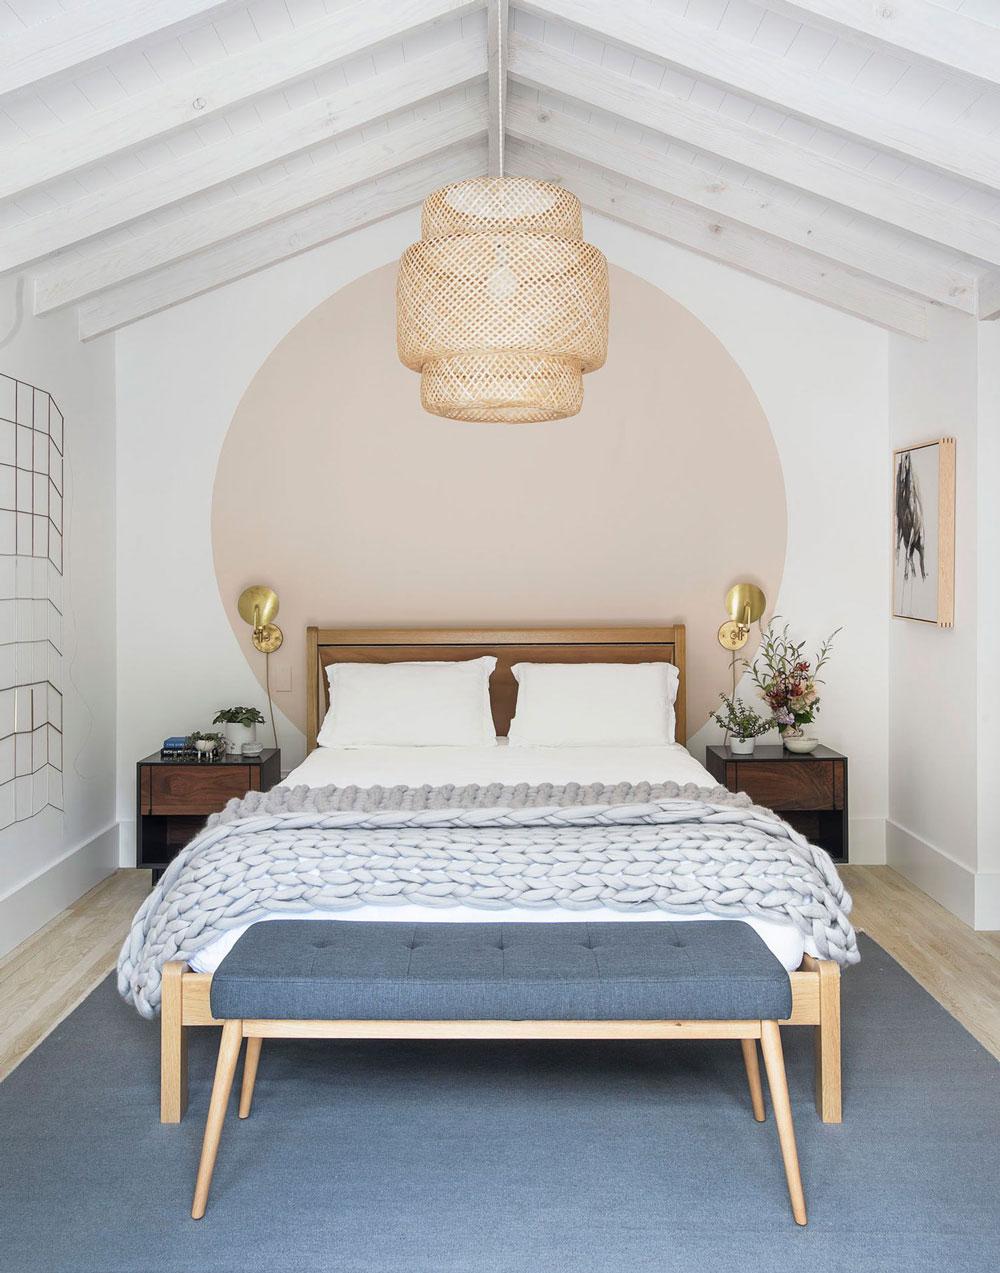 Tour a beautiful scandinavian inspired getaway in the - Scandinavian interior design bedroom ...